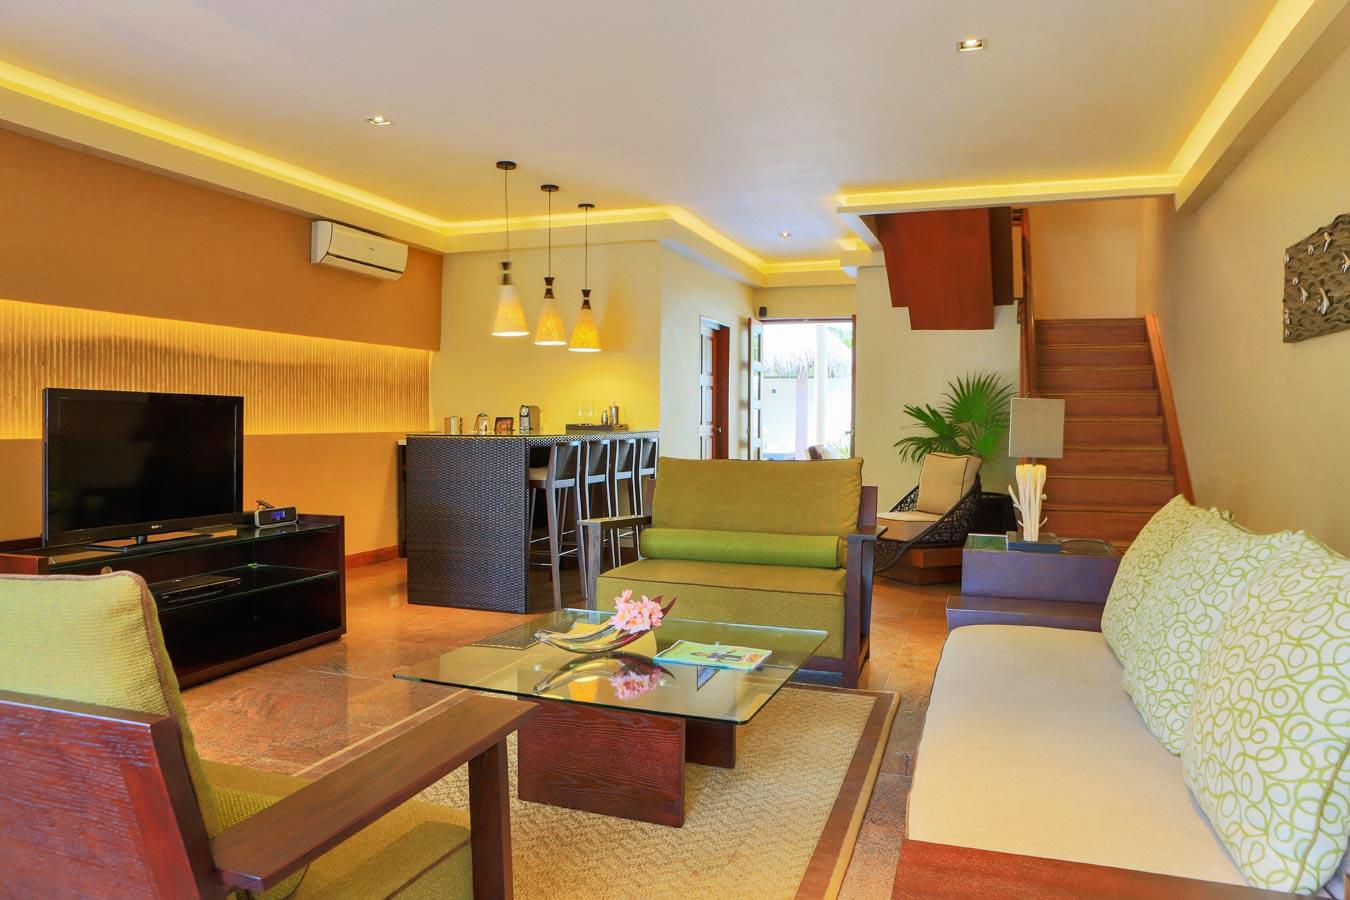 Kurumba Maldives - Family Villa - Lounge Image - Maldives Resorts